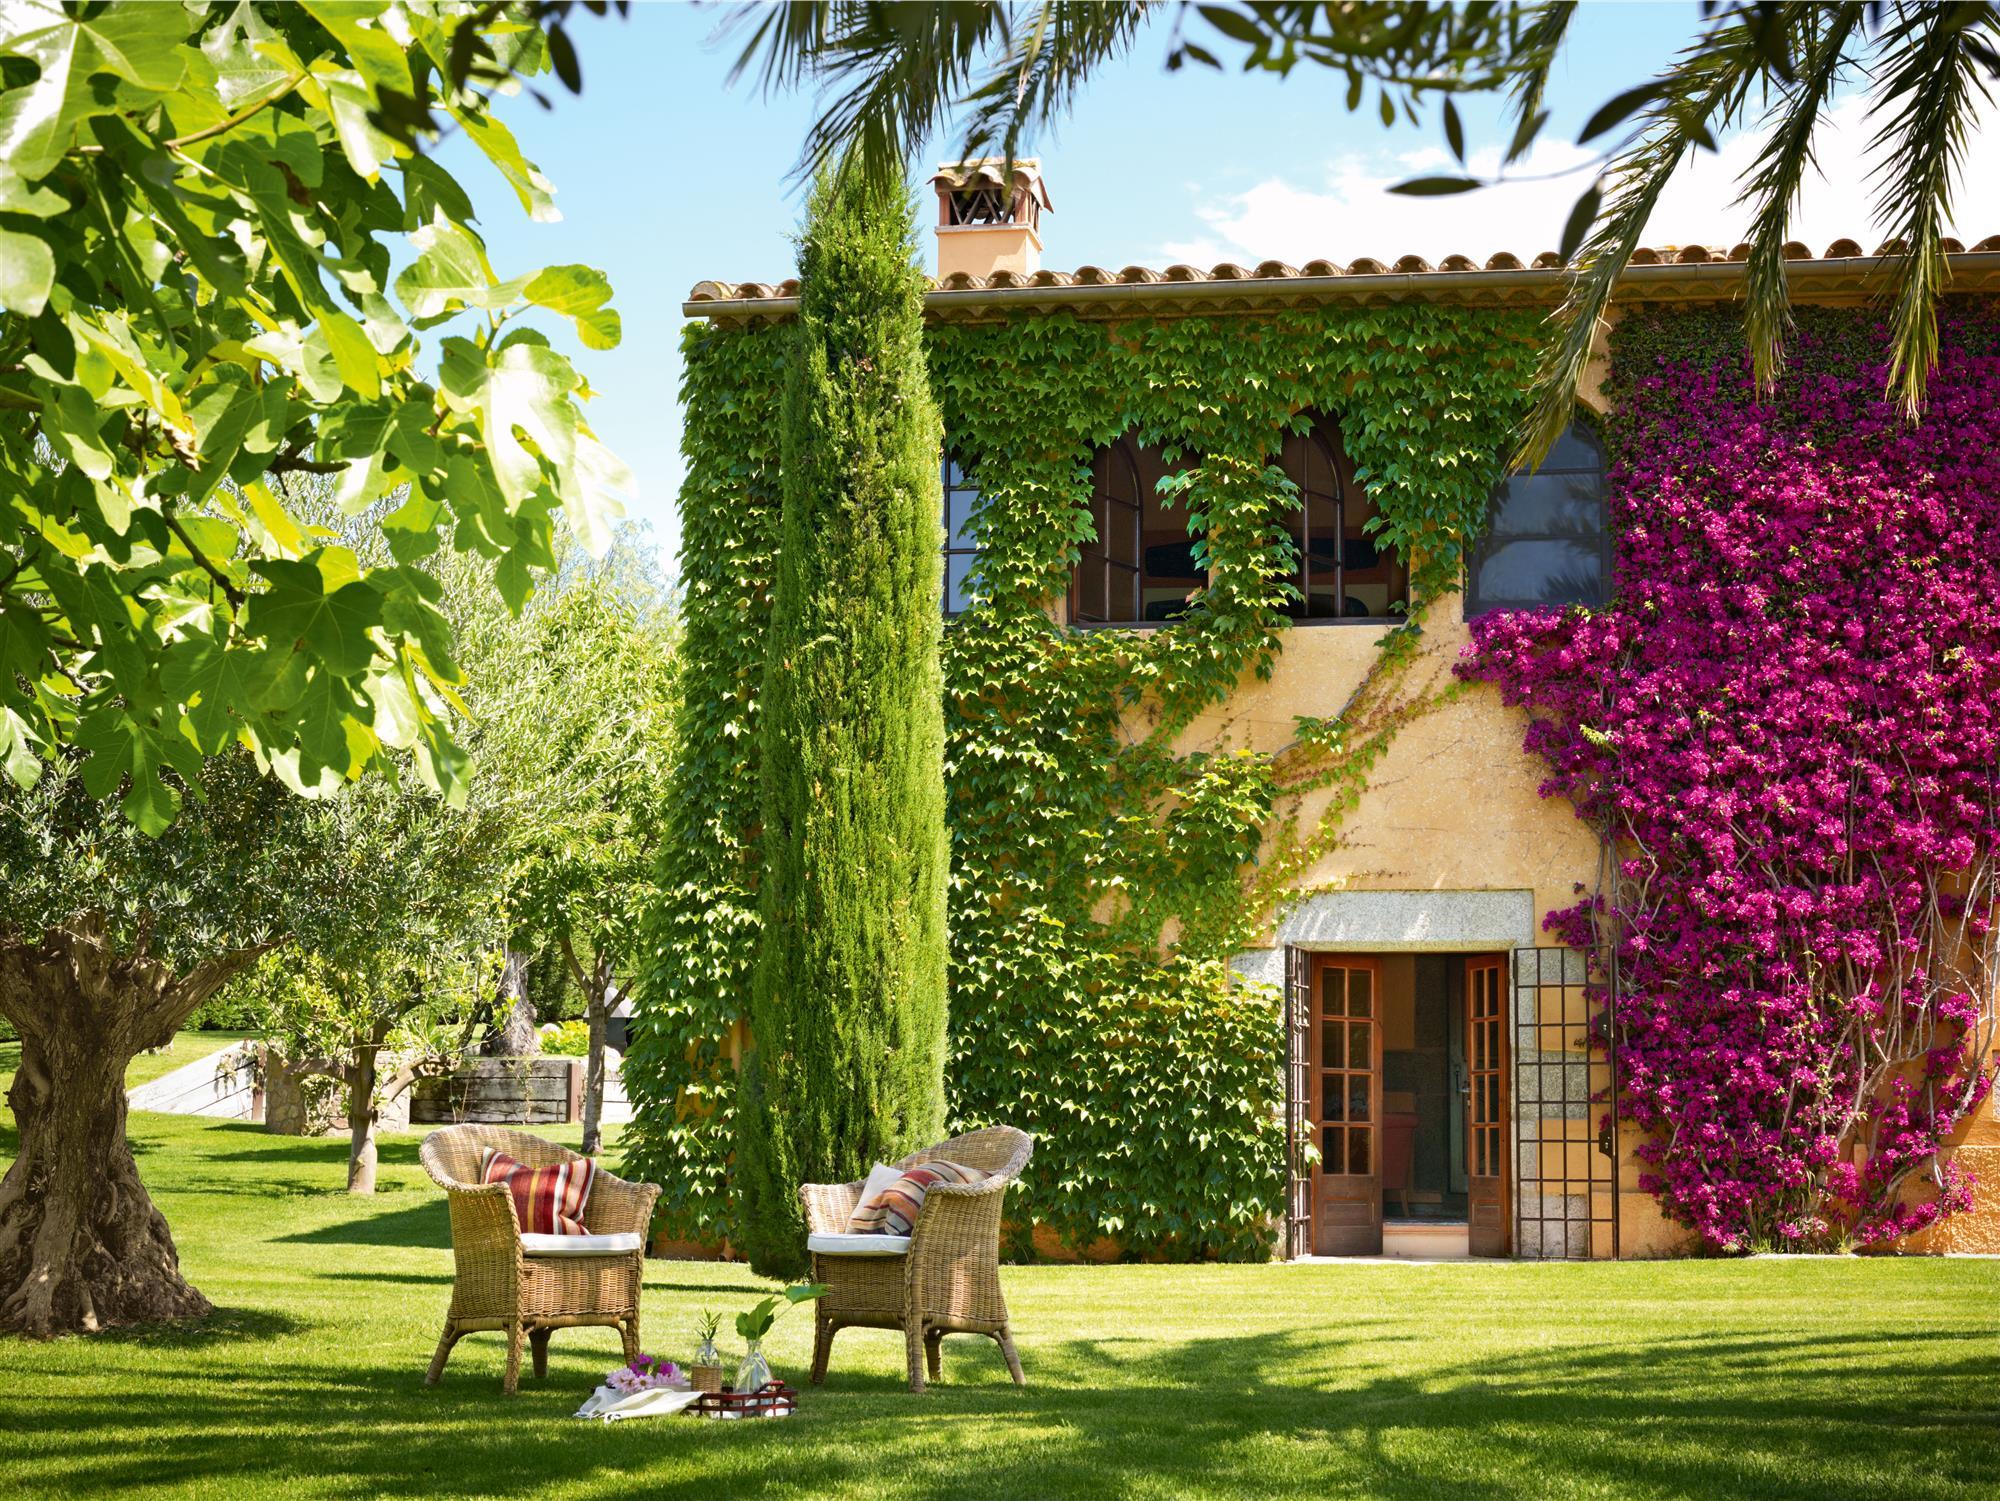 Jardines Los 50 Más Bonitos De El Mueble